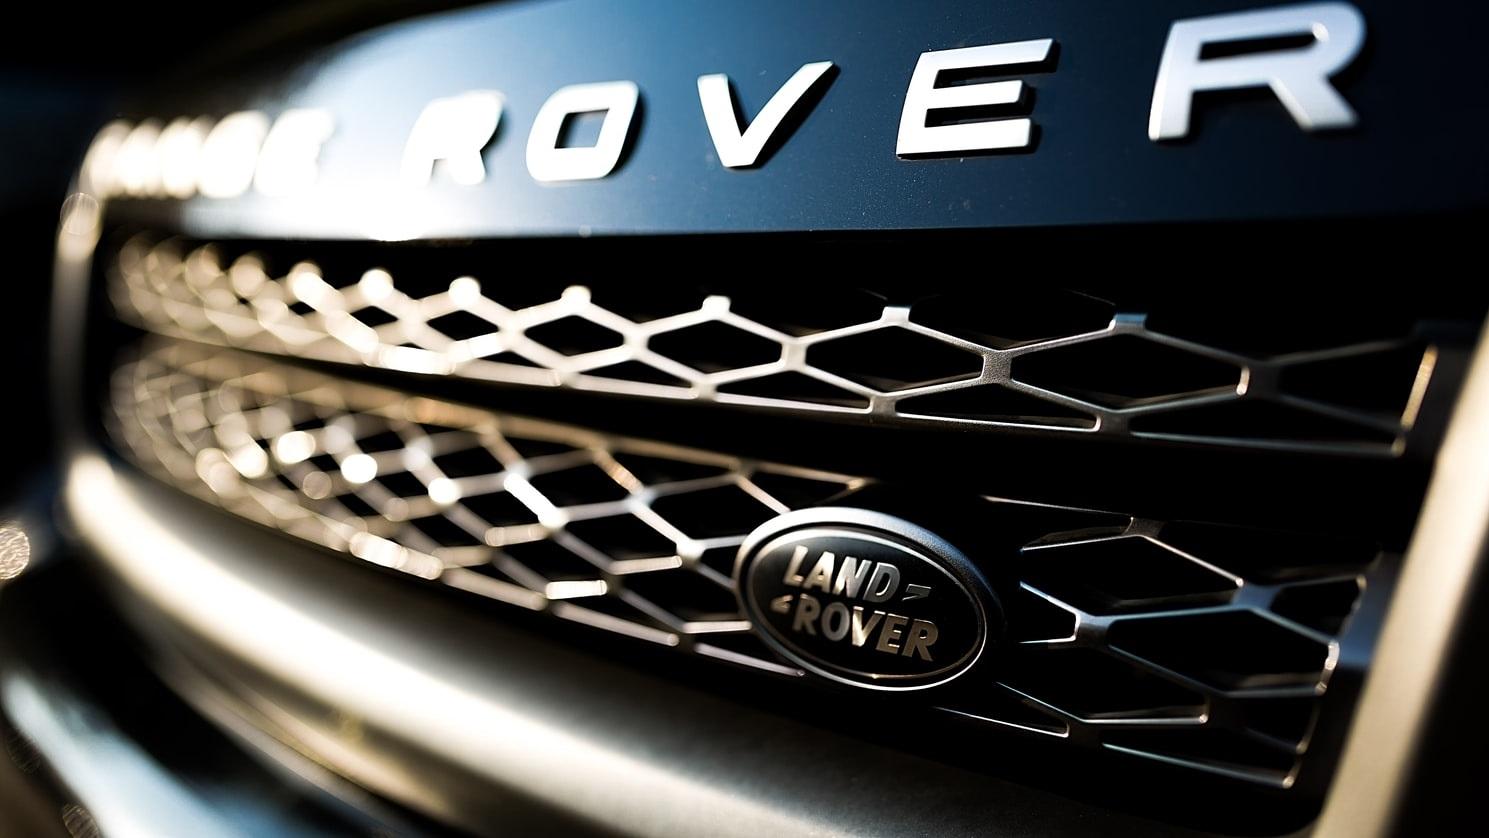 Astralis-spiller gav sin kæreste en Range Rover Evoque